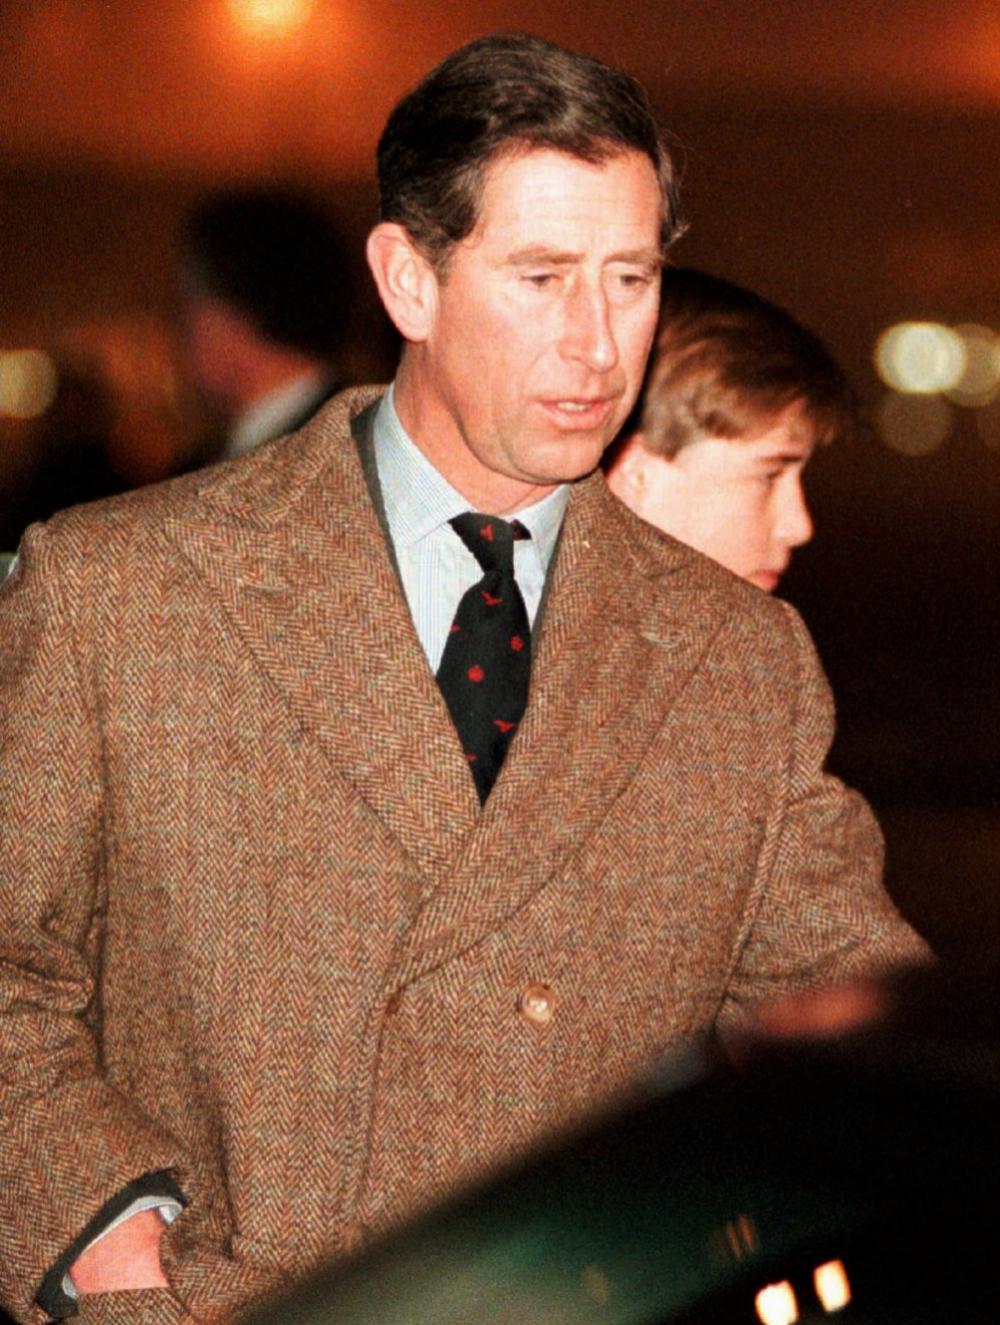 El príncipe Carlos de Inglaterra de joven con el abrigo de tweed...